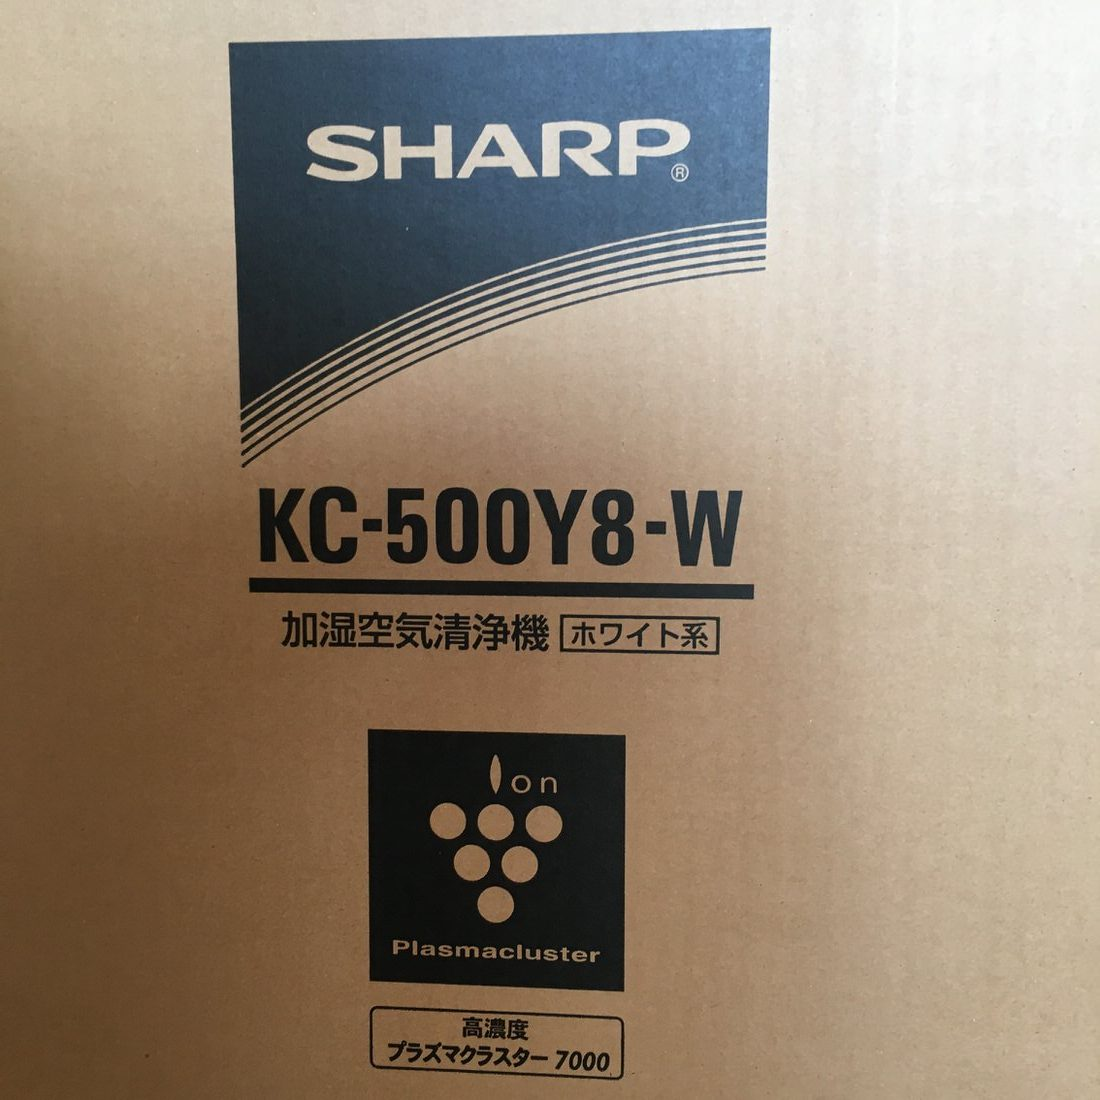 我が家にプラズマクラスター搭載の空気清浄機KC500Y8-Wを設置